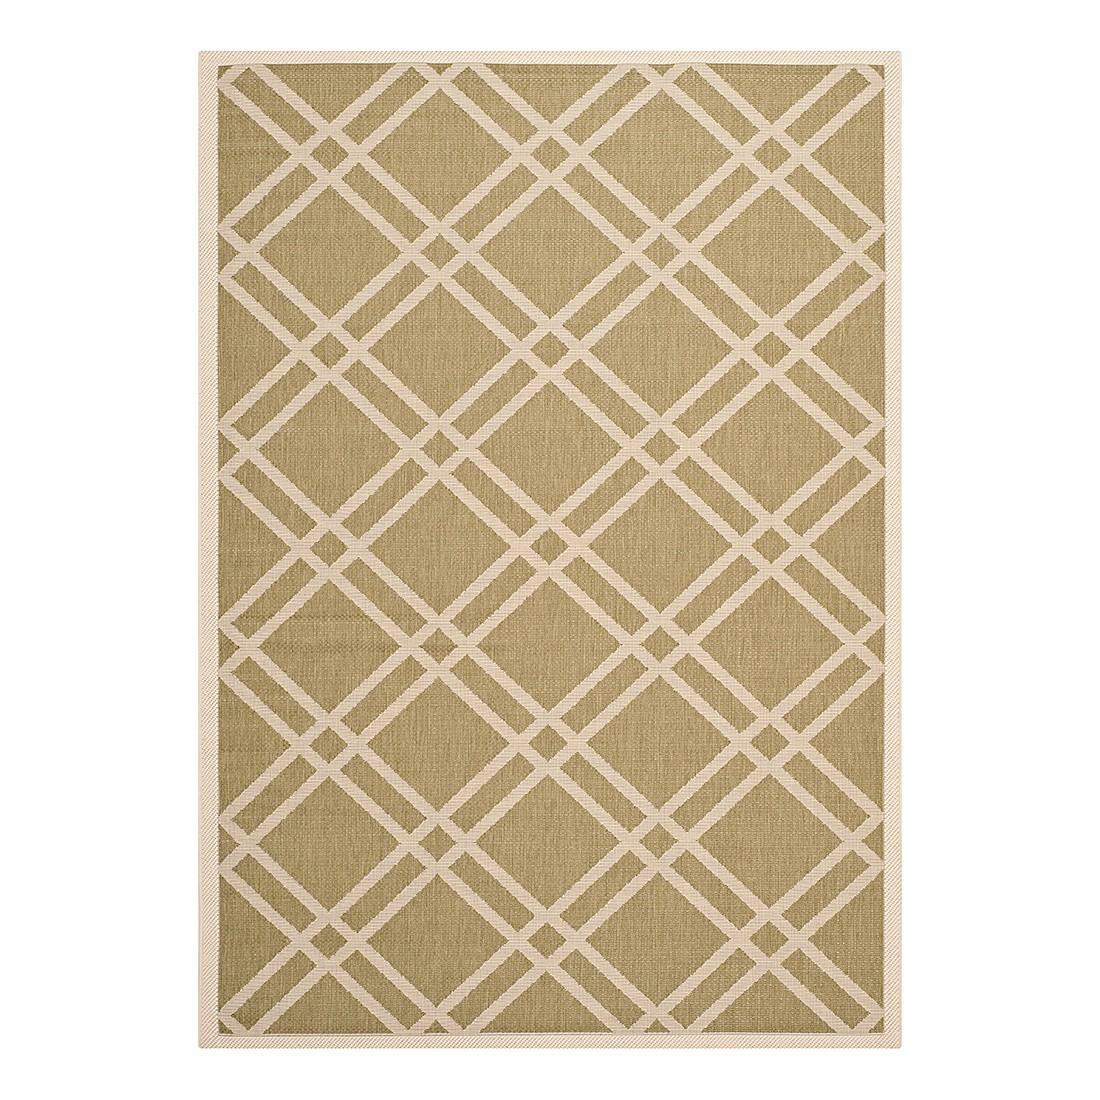 In-/Outdoorteppich Marbella – Grün/Beige – Maße: Maße: 200 x 289 cm, Safavieh bestellen